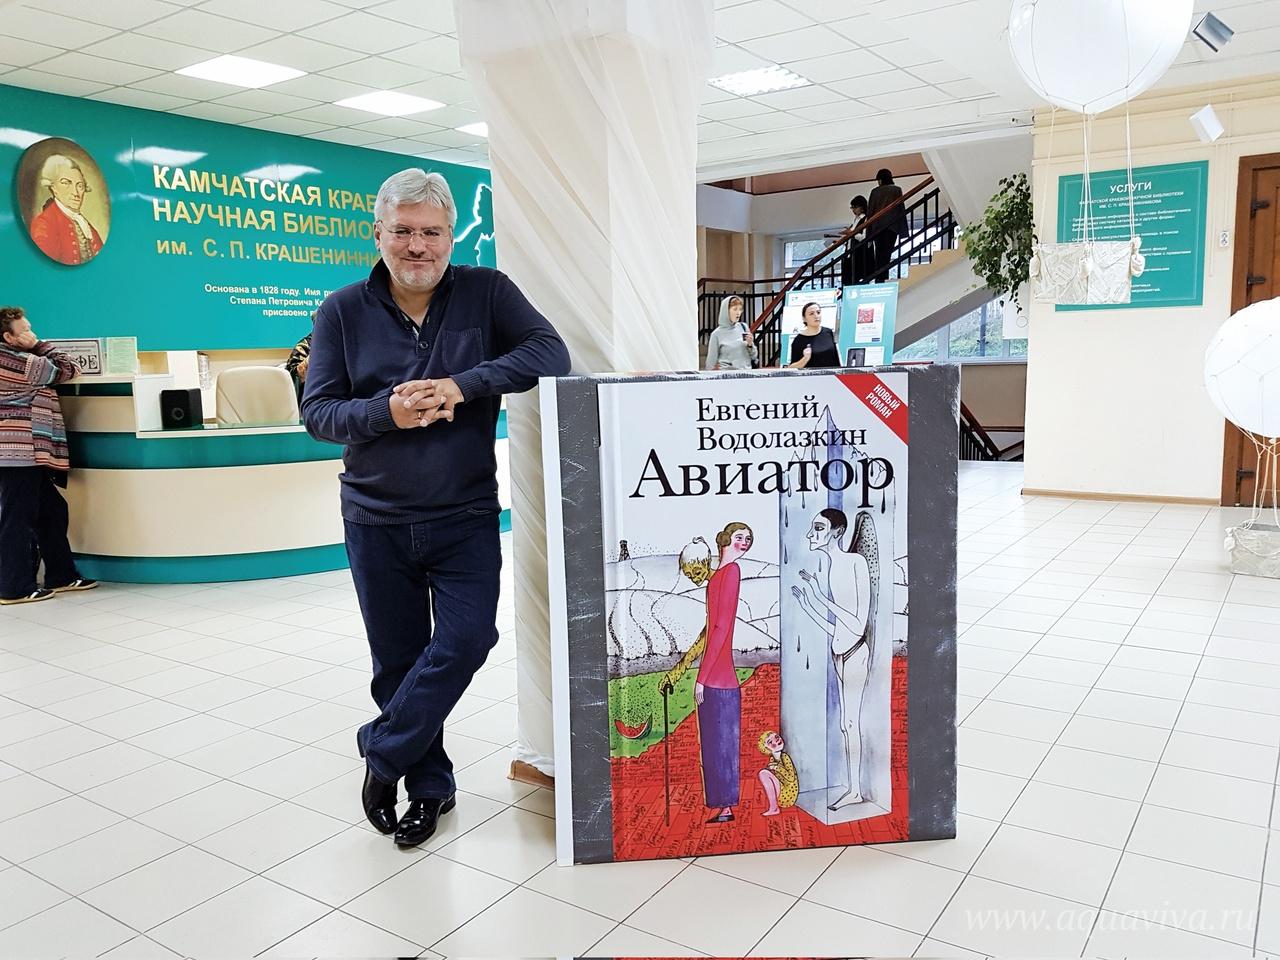 На Камчатском форуме в поддержку книги и чтения. Петропавловск-Камчатский. Сентябрь 2017 года